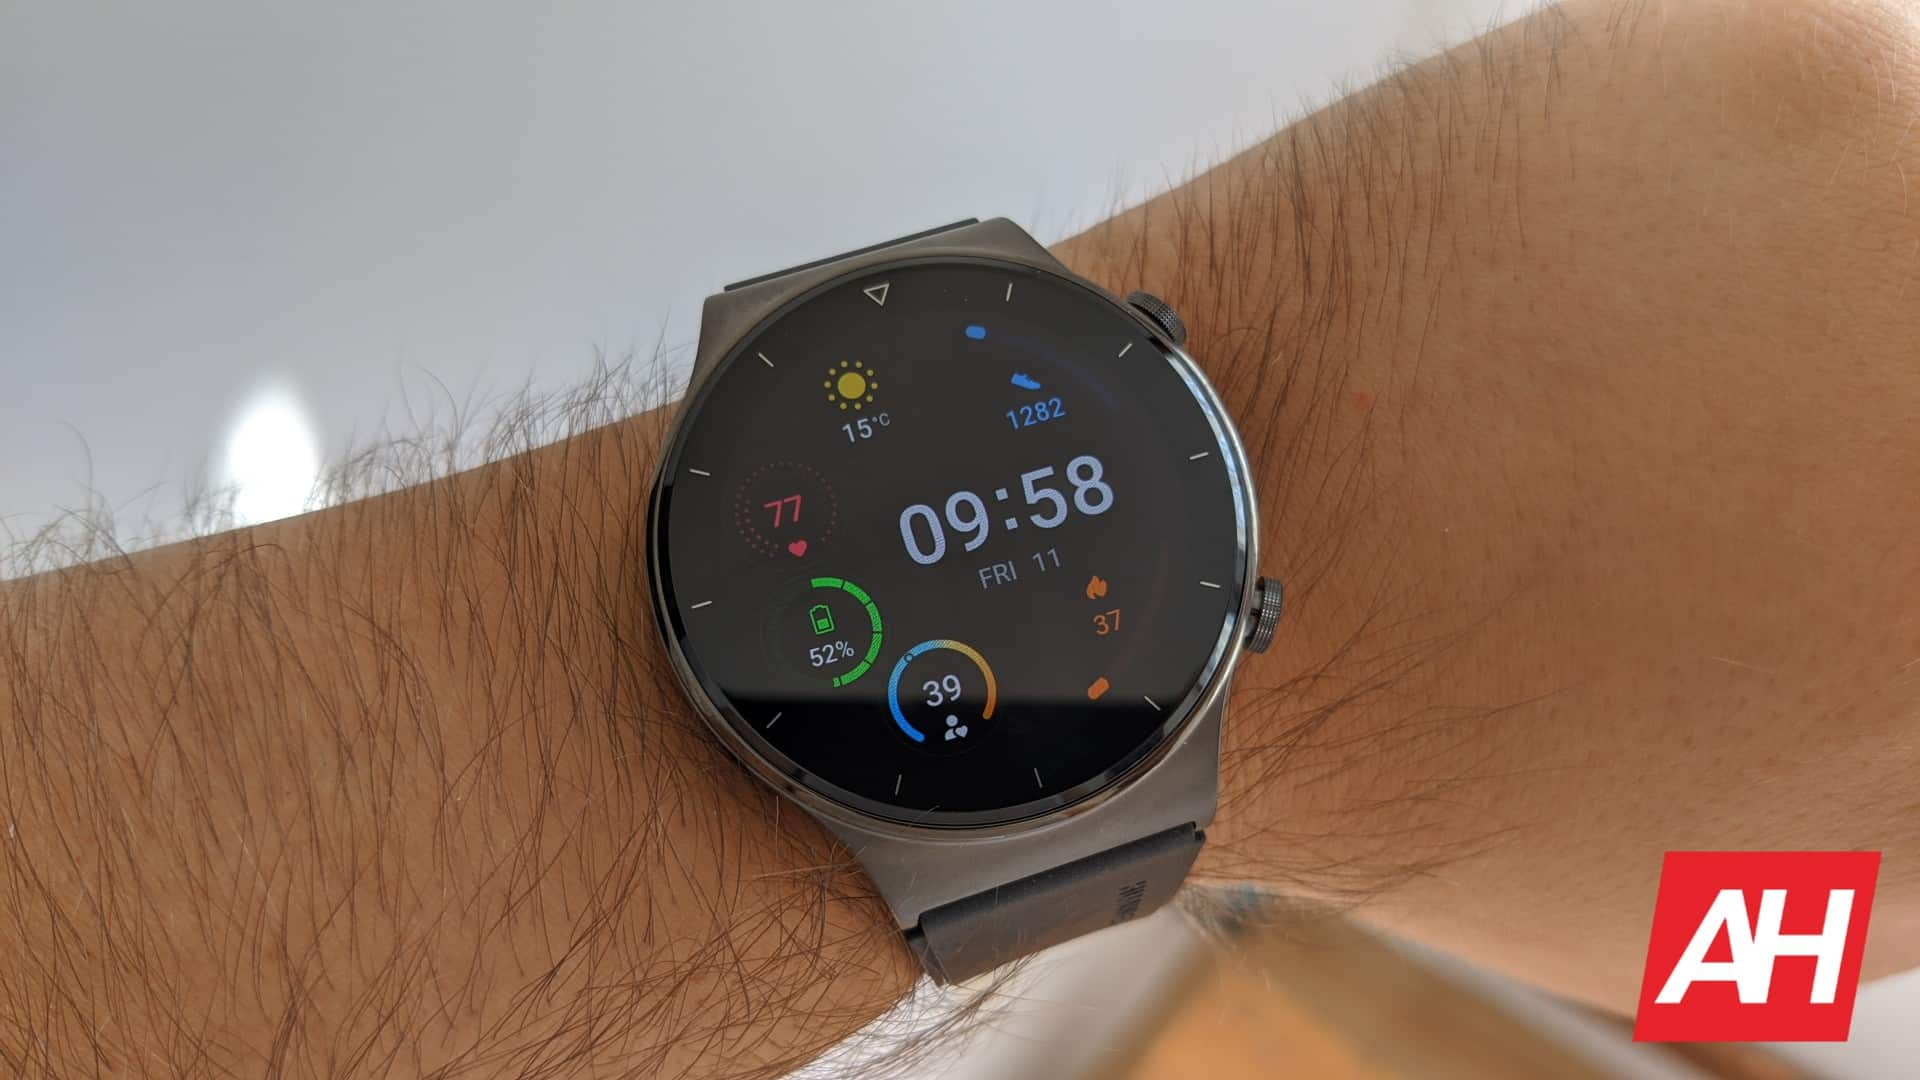 AH Huawei Watch GT 2 Pro 1